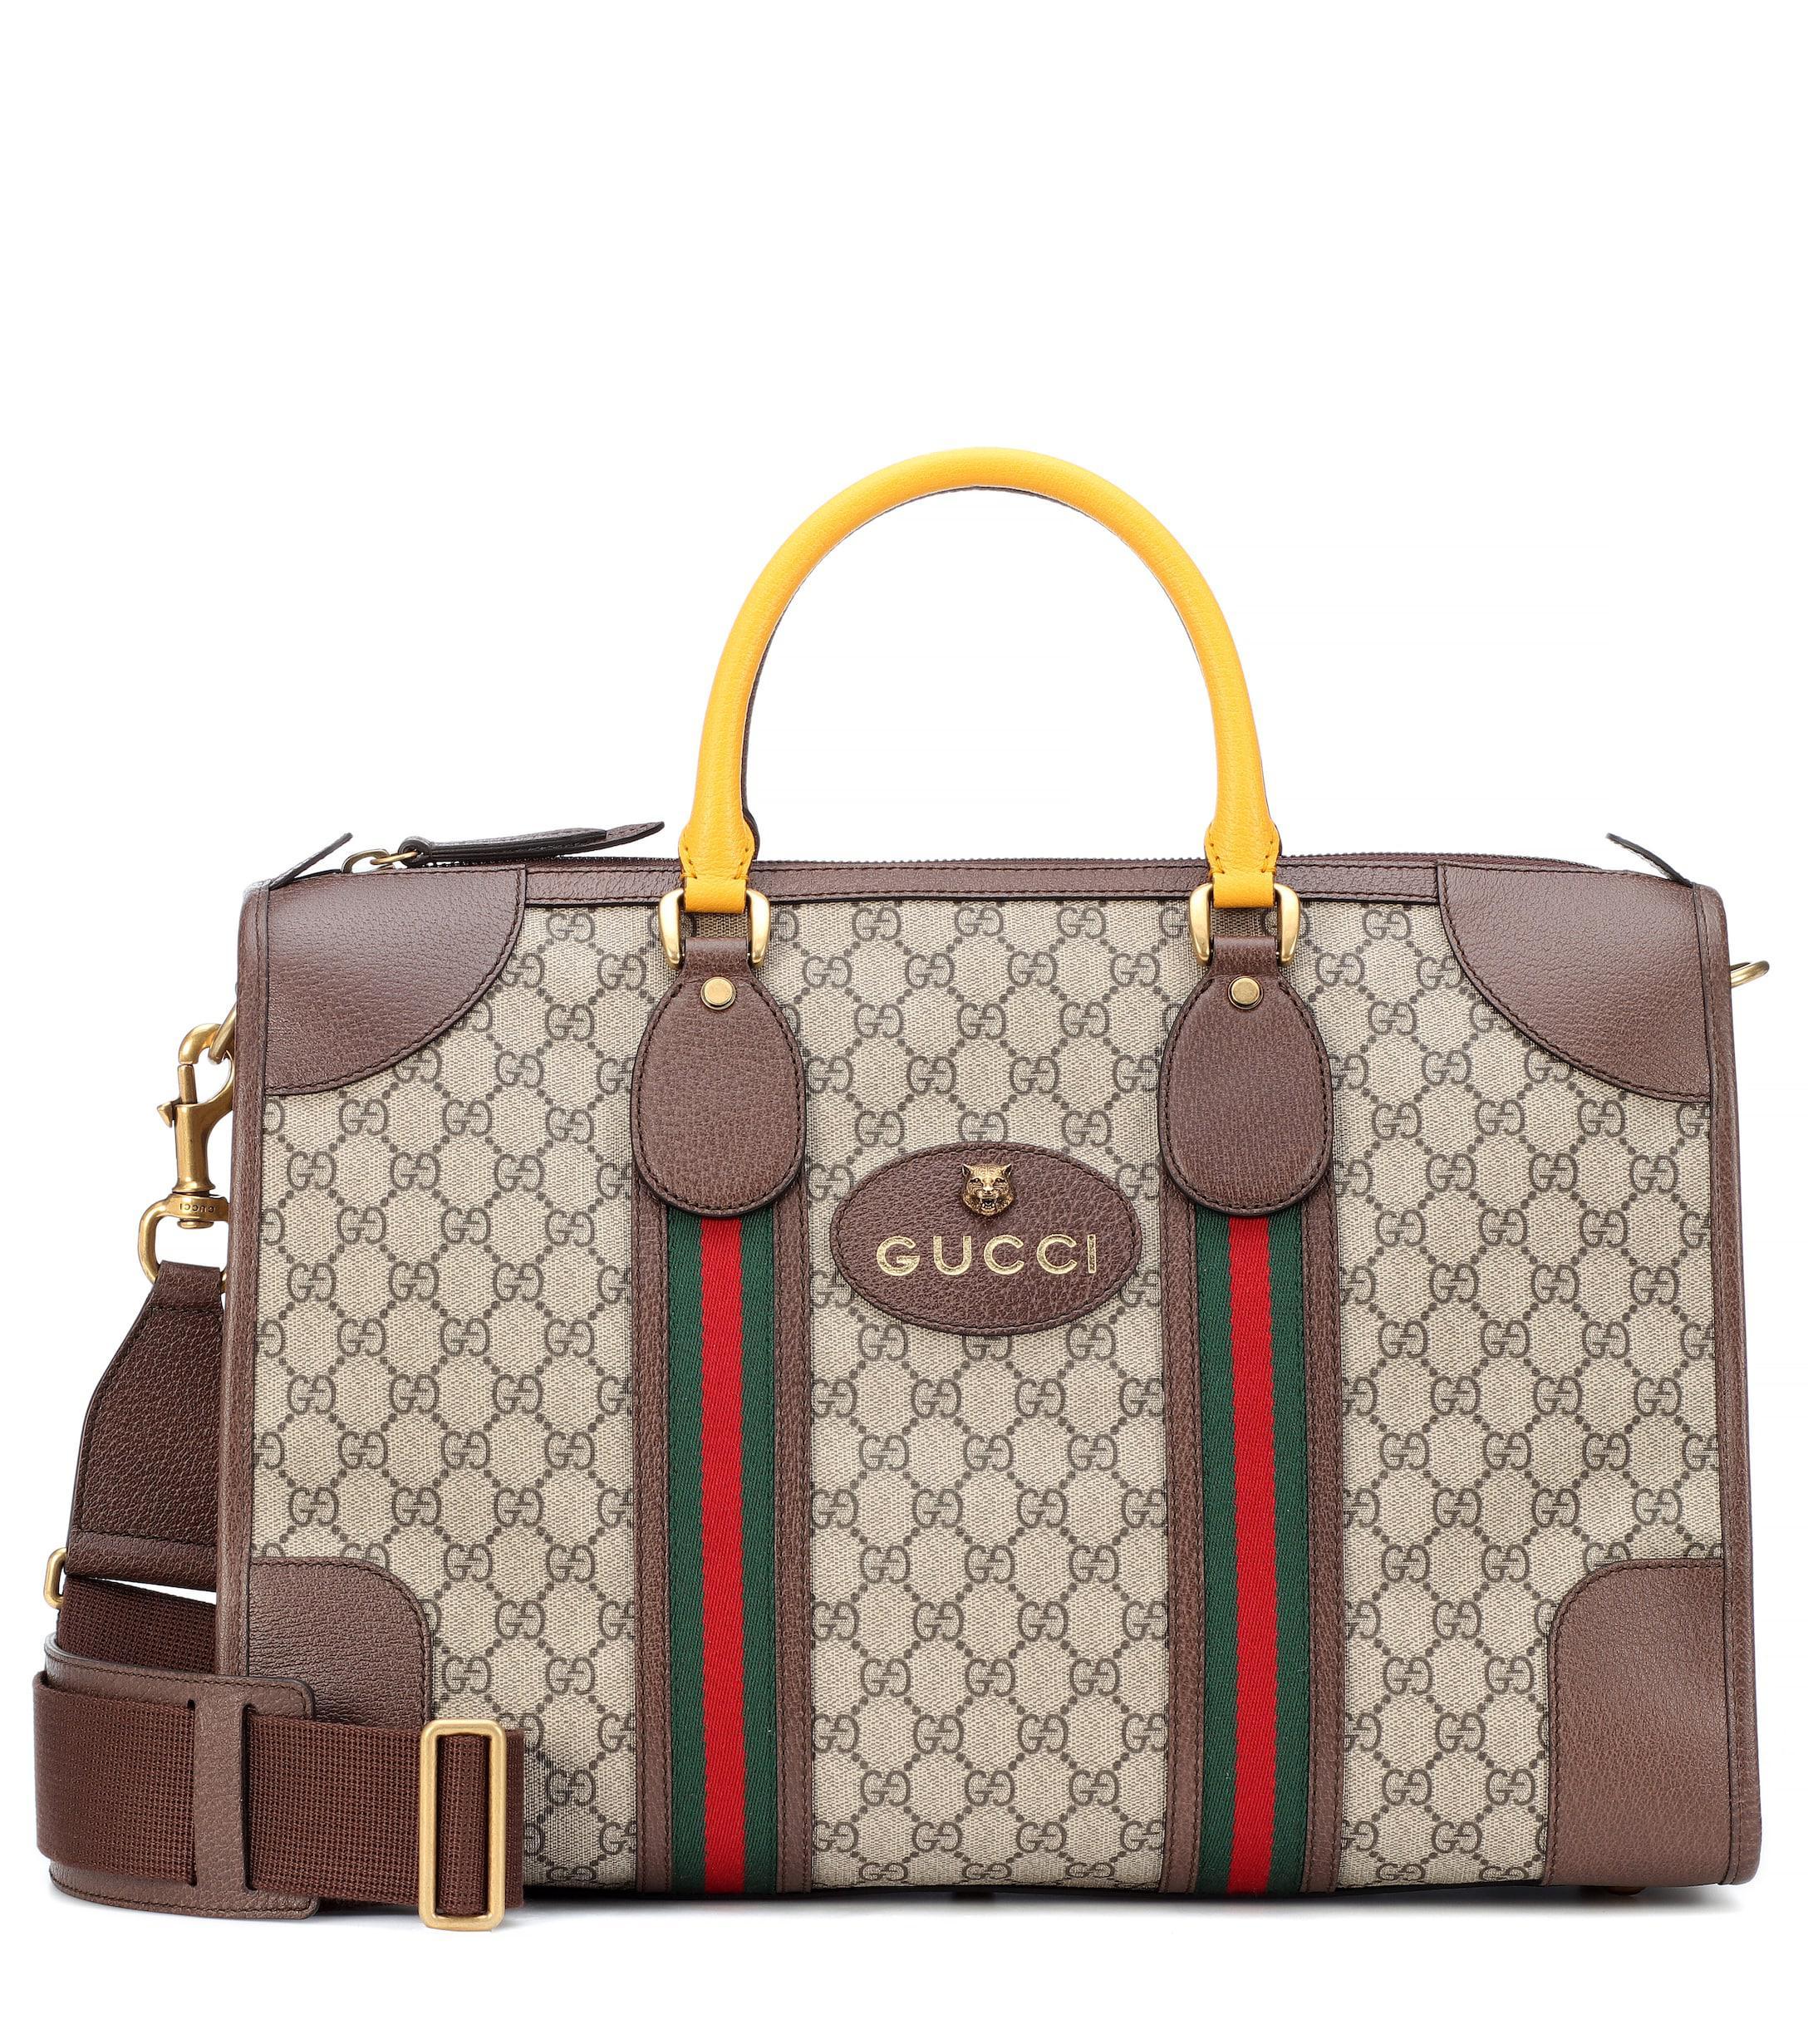 c107b812ddf6 Gucci. Women's Soft GG Supreme Tote